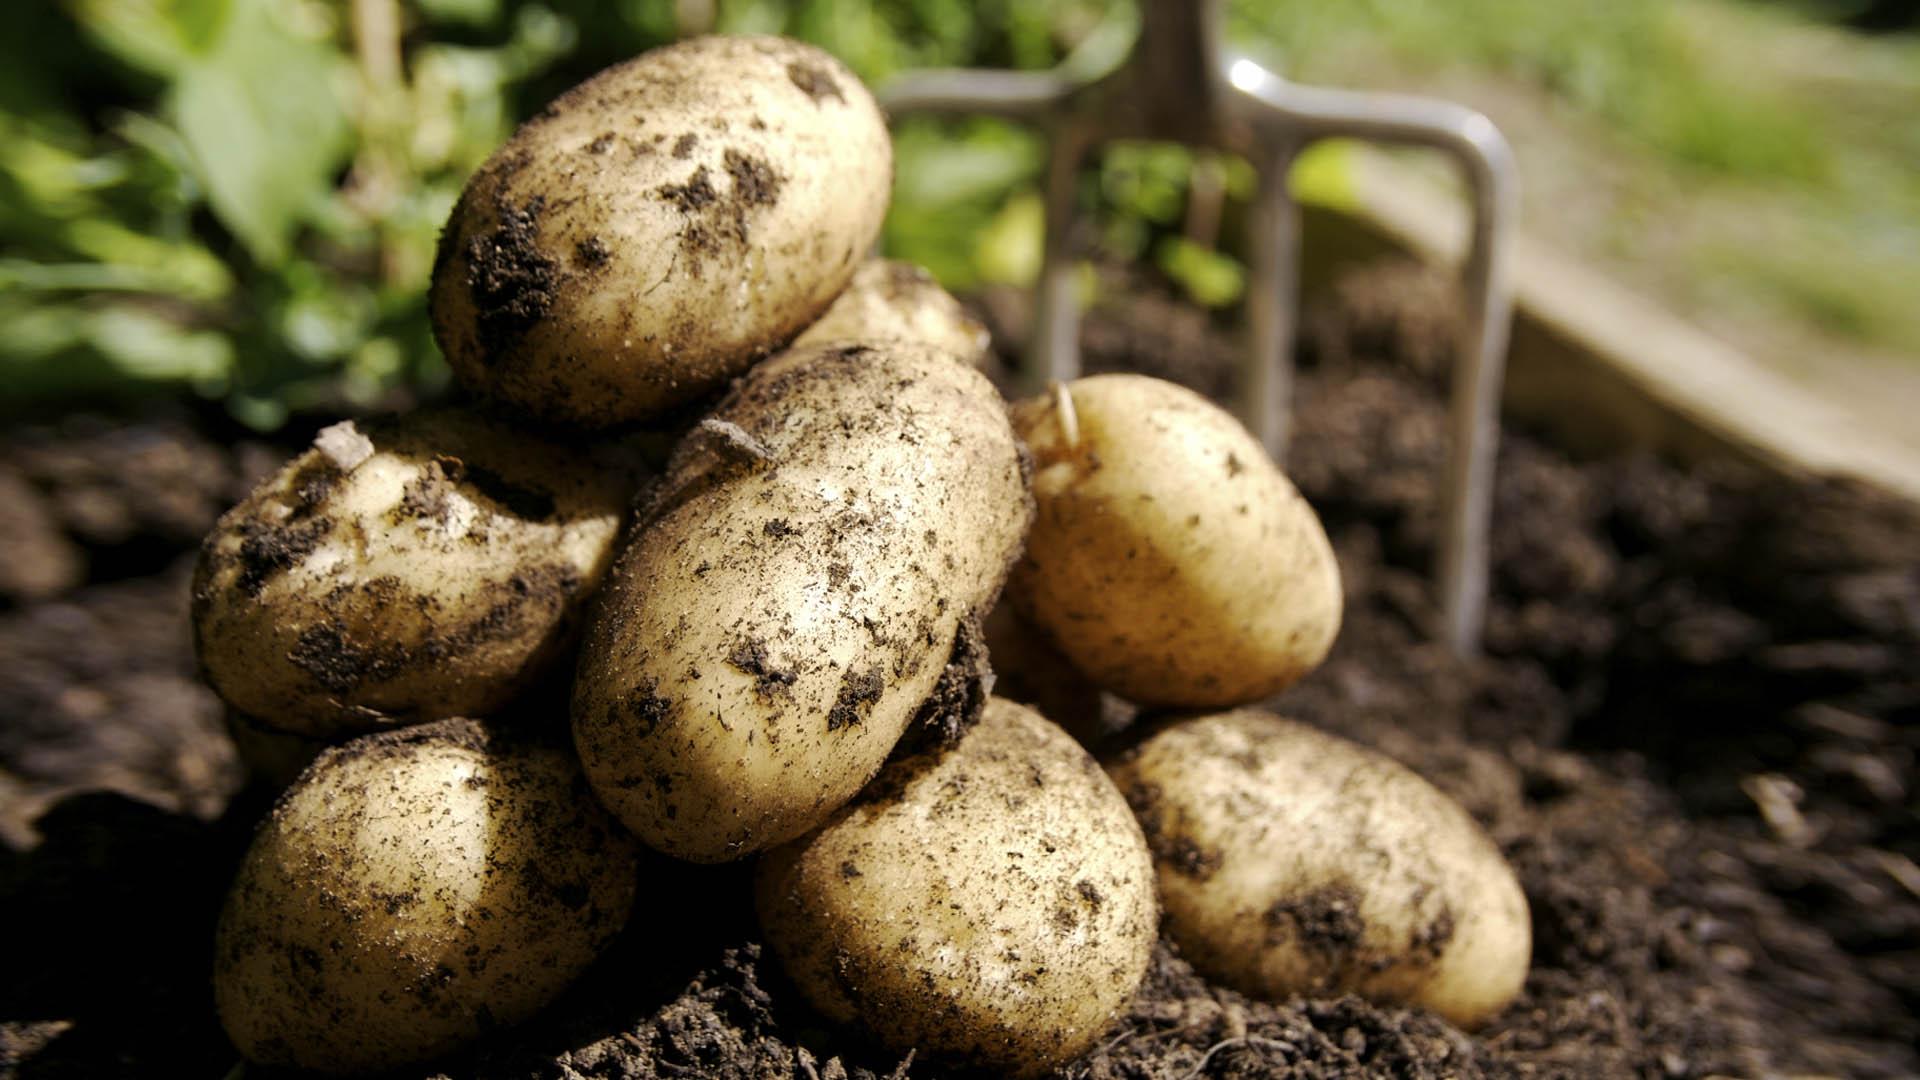 Почва на участках с картофелем быстро беднеет